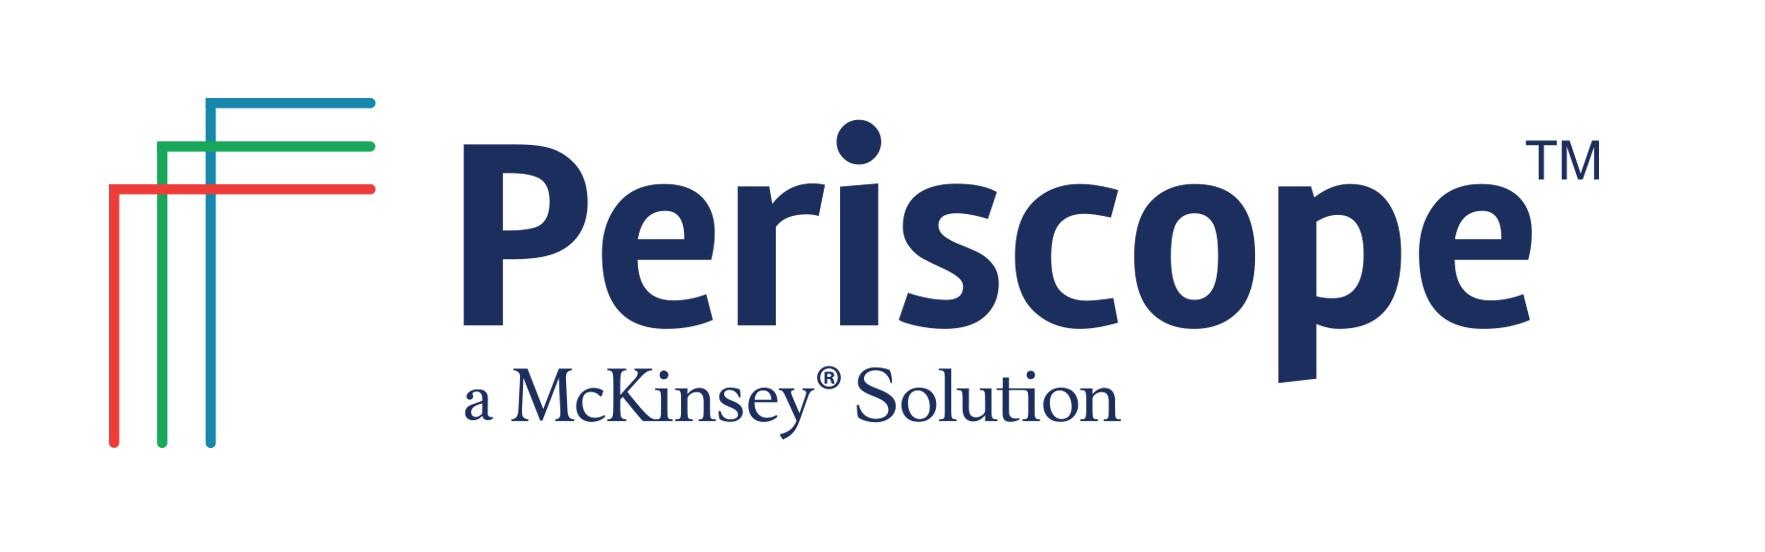 FINAL_Periscope-Logo-w-McKS-2014